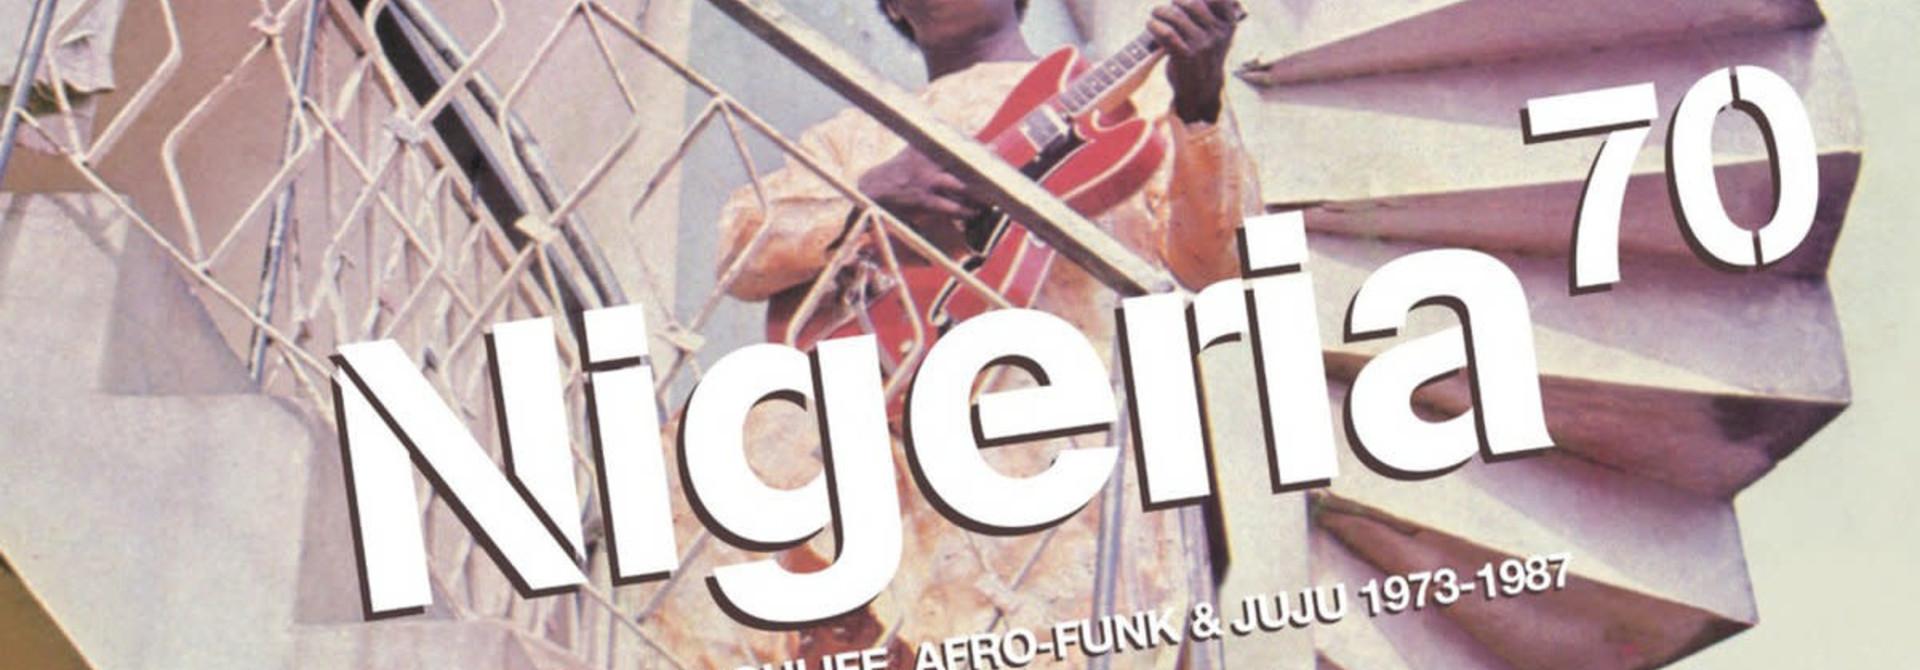 Artistes Variés • Nigeria 70, No Wahala: Highlife, Afro-Funk & Juju 1973-1987